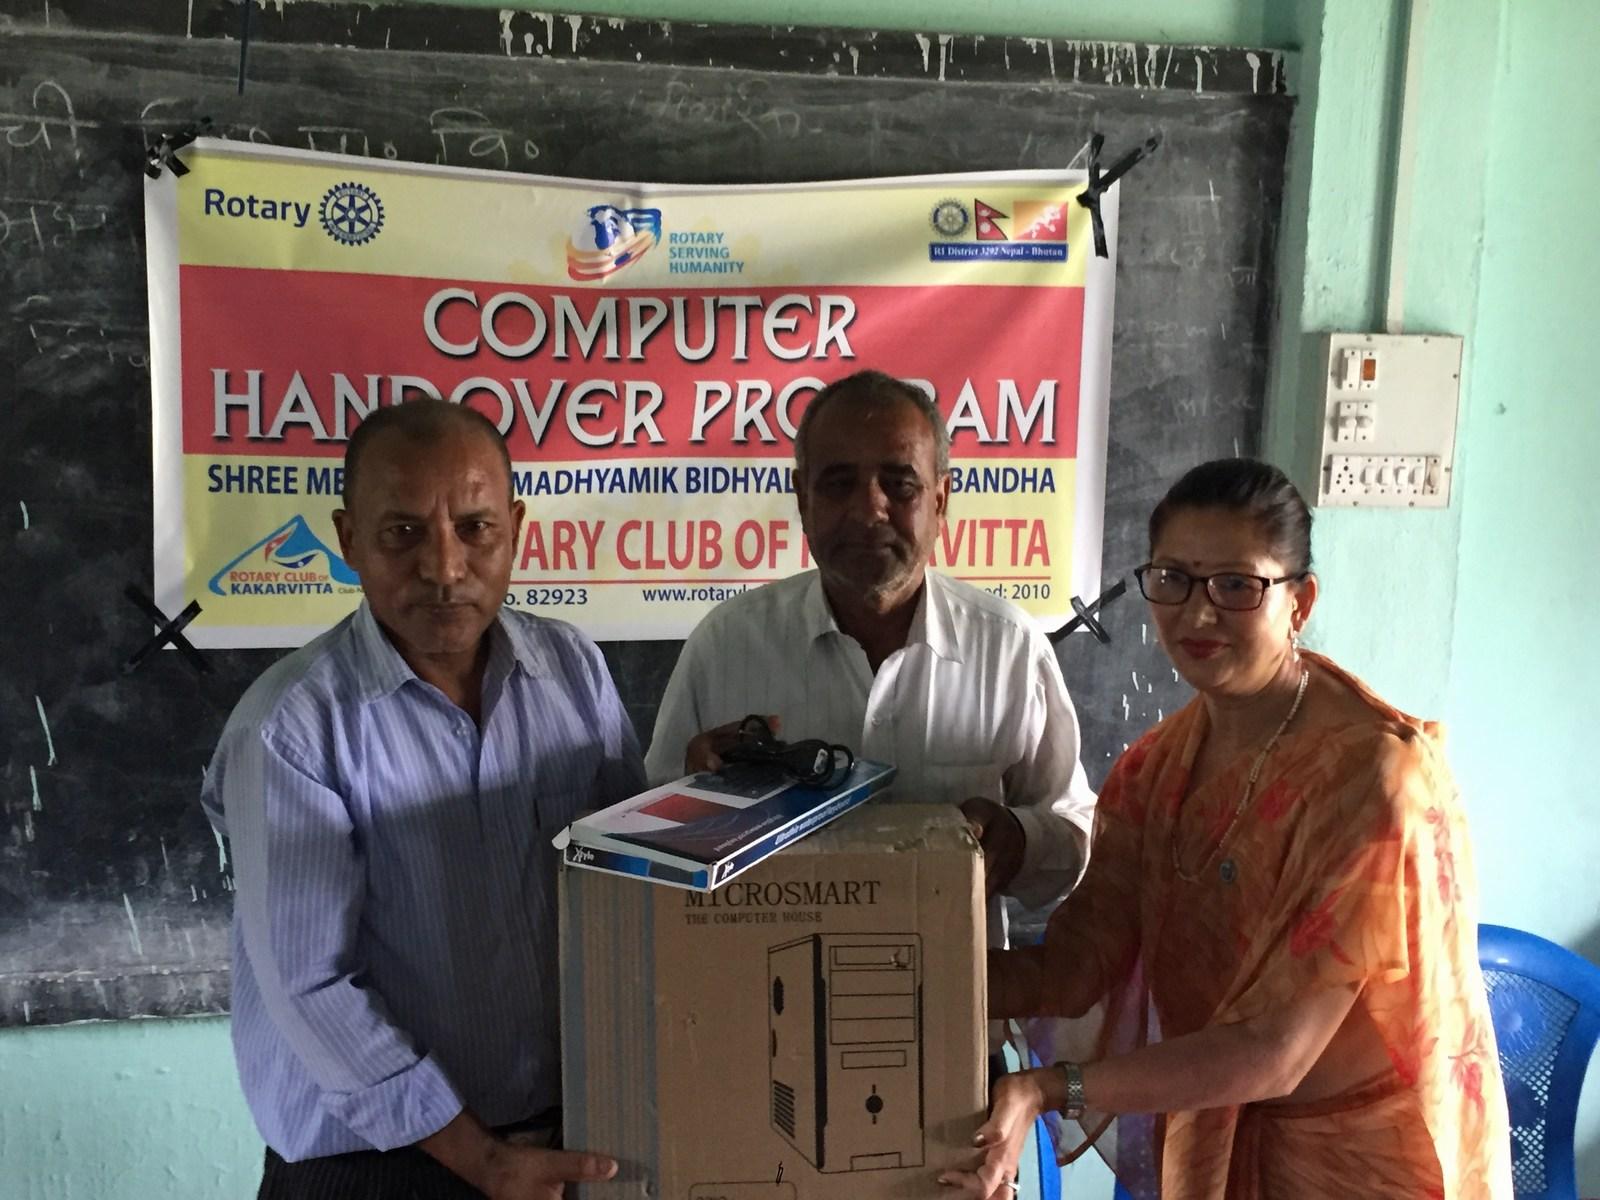 Computer-handover-to-Mechi-Adharbhut-Vidyalaya-Rotary-Club-of-Kakarvitta-11